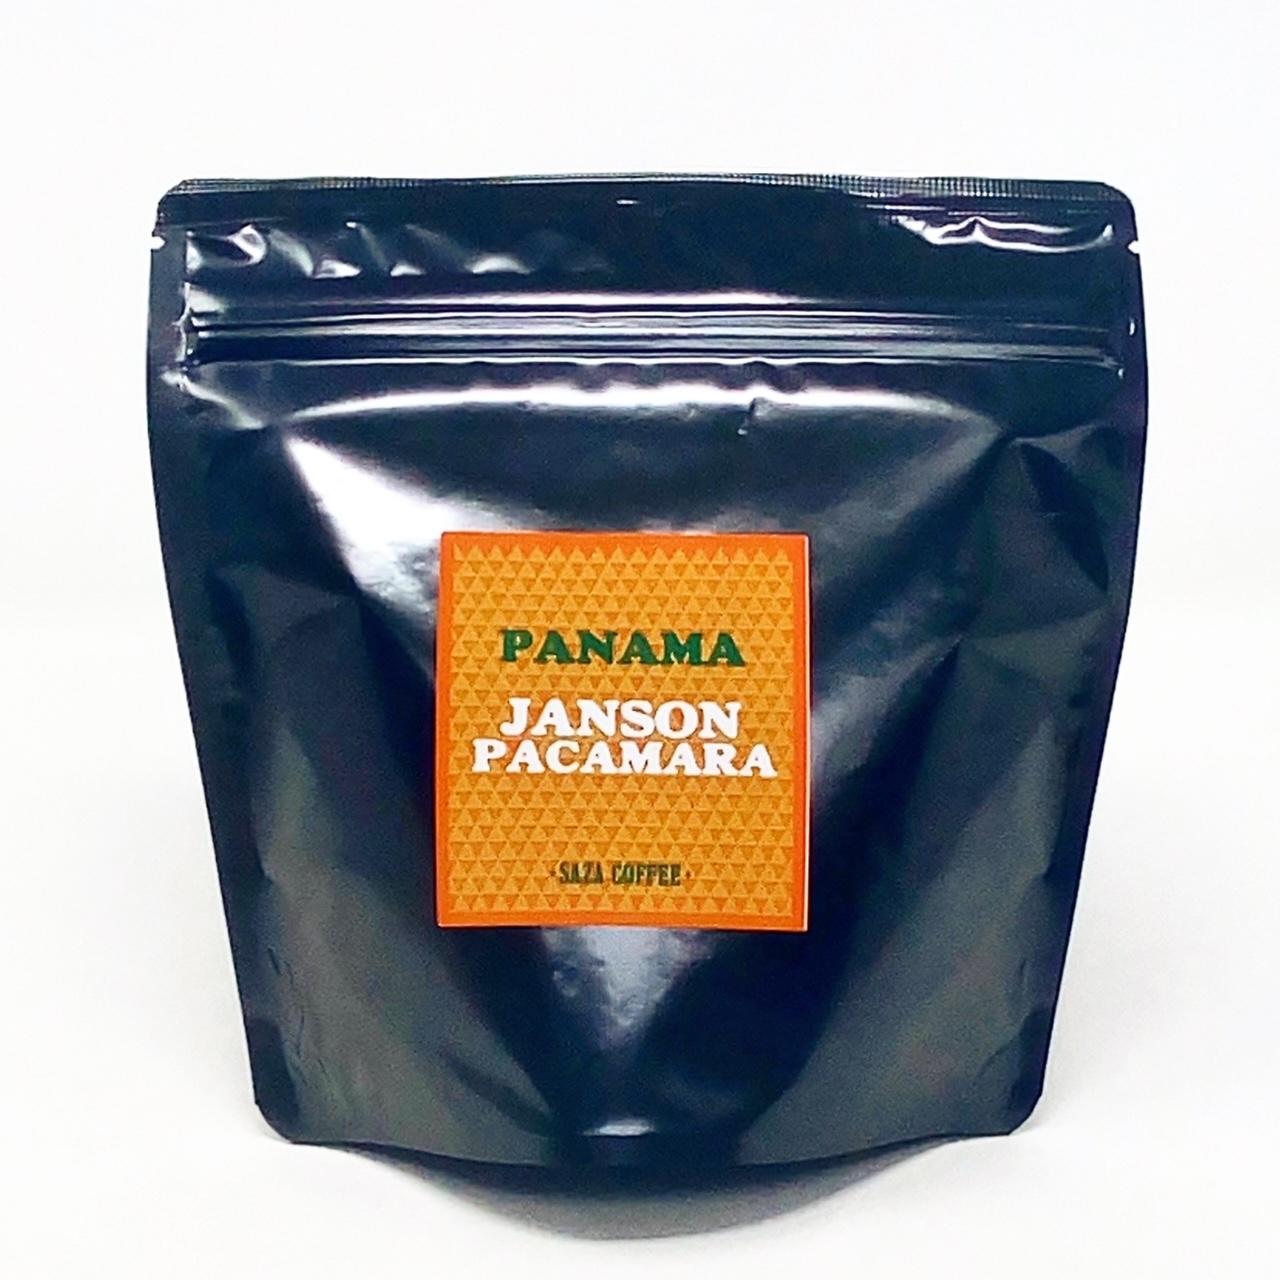 ジャンソン パカマラ 100g